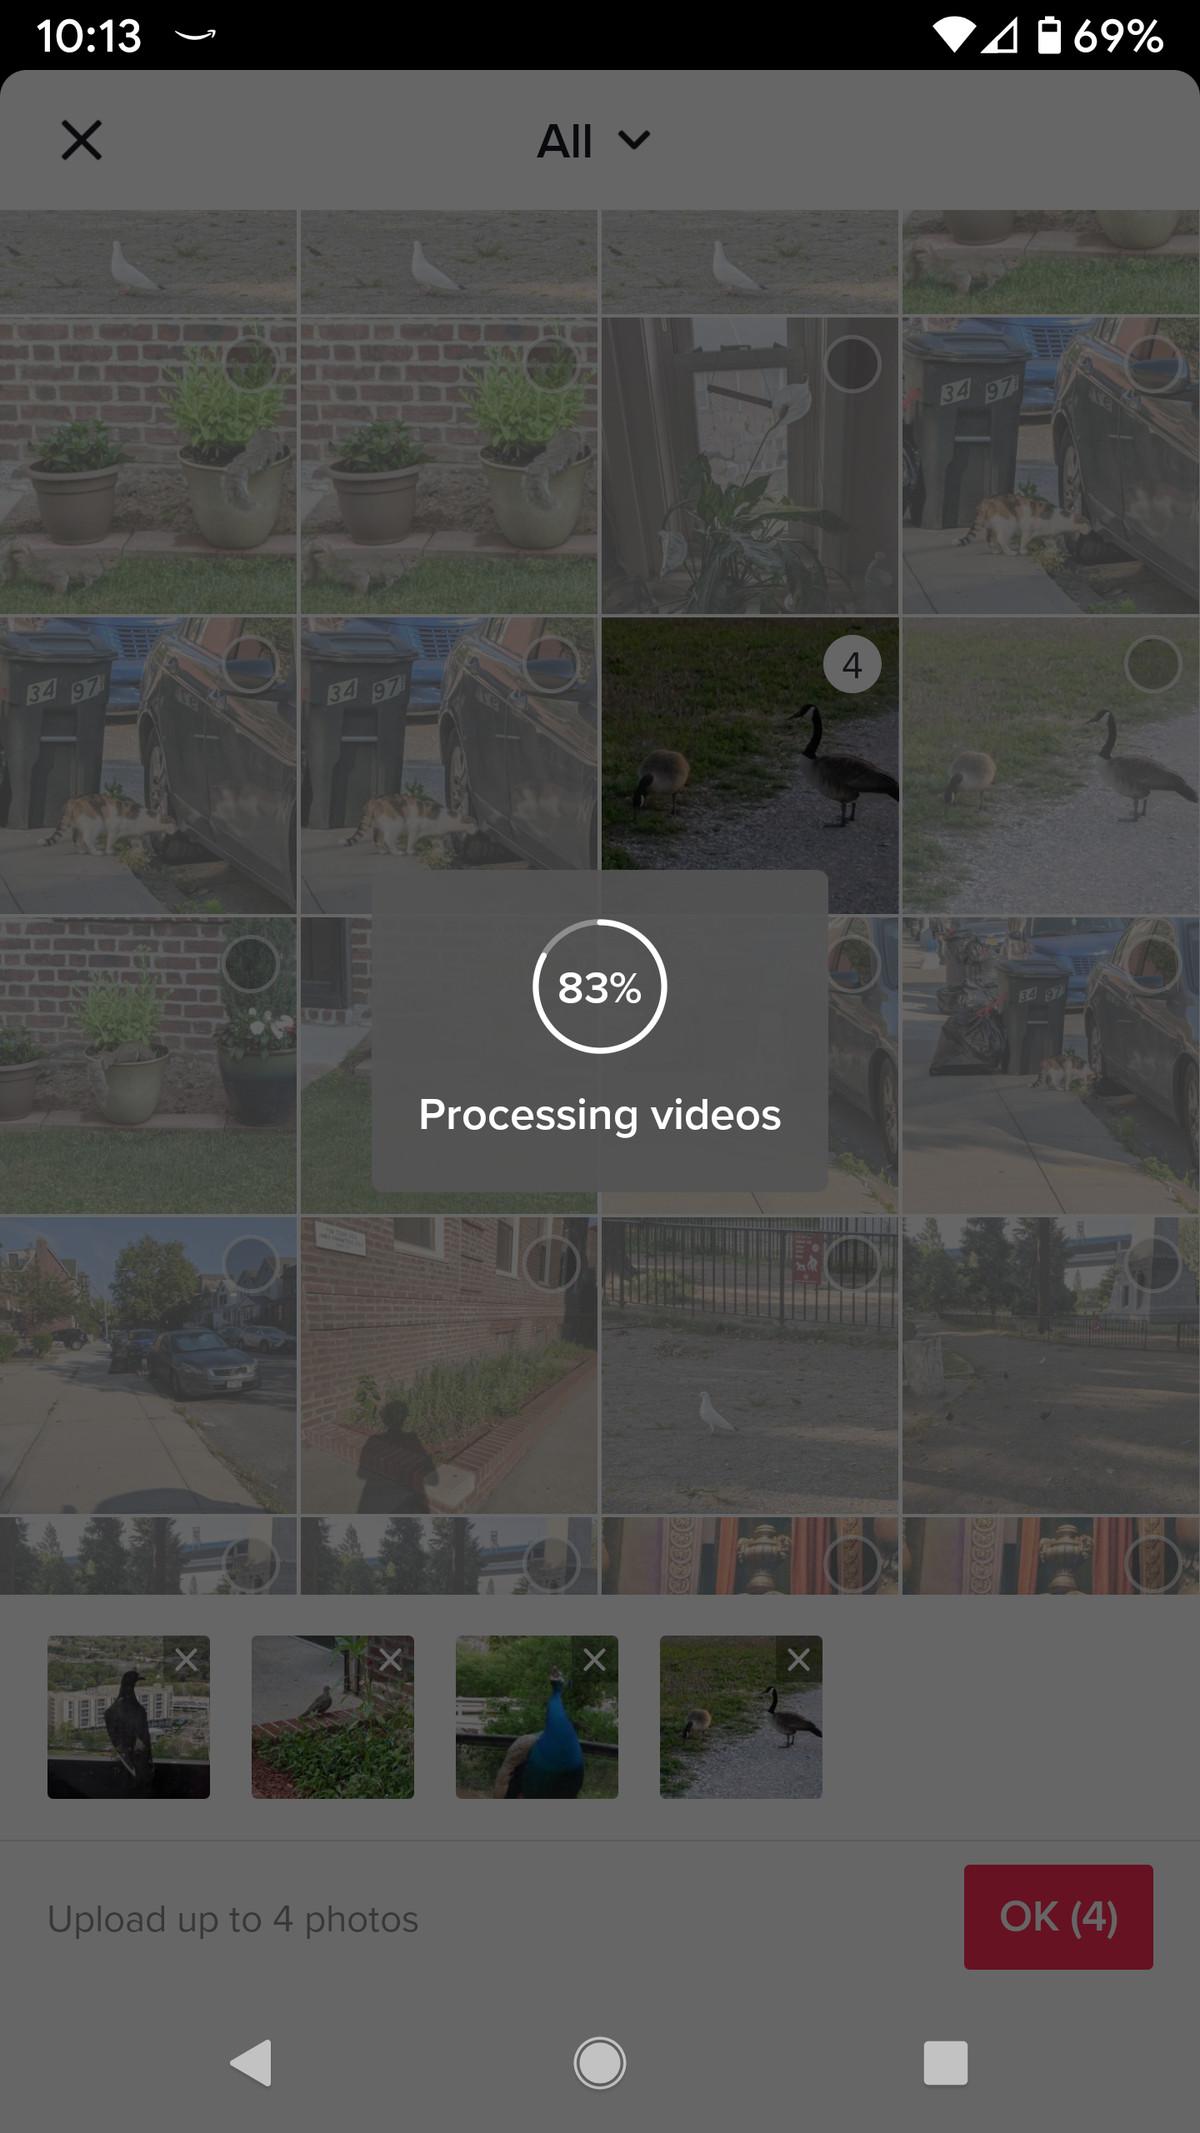 قد تستغرق معالجة الصور بضع ثوانٍ.